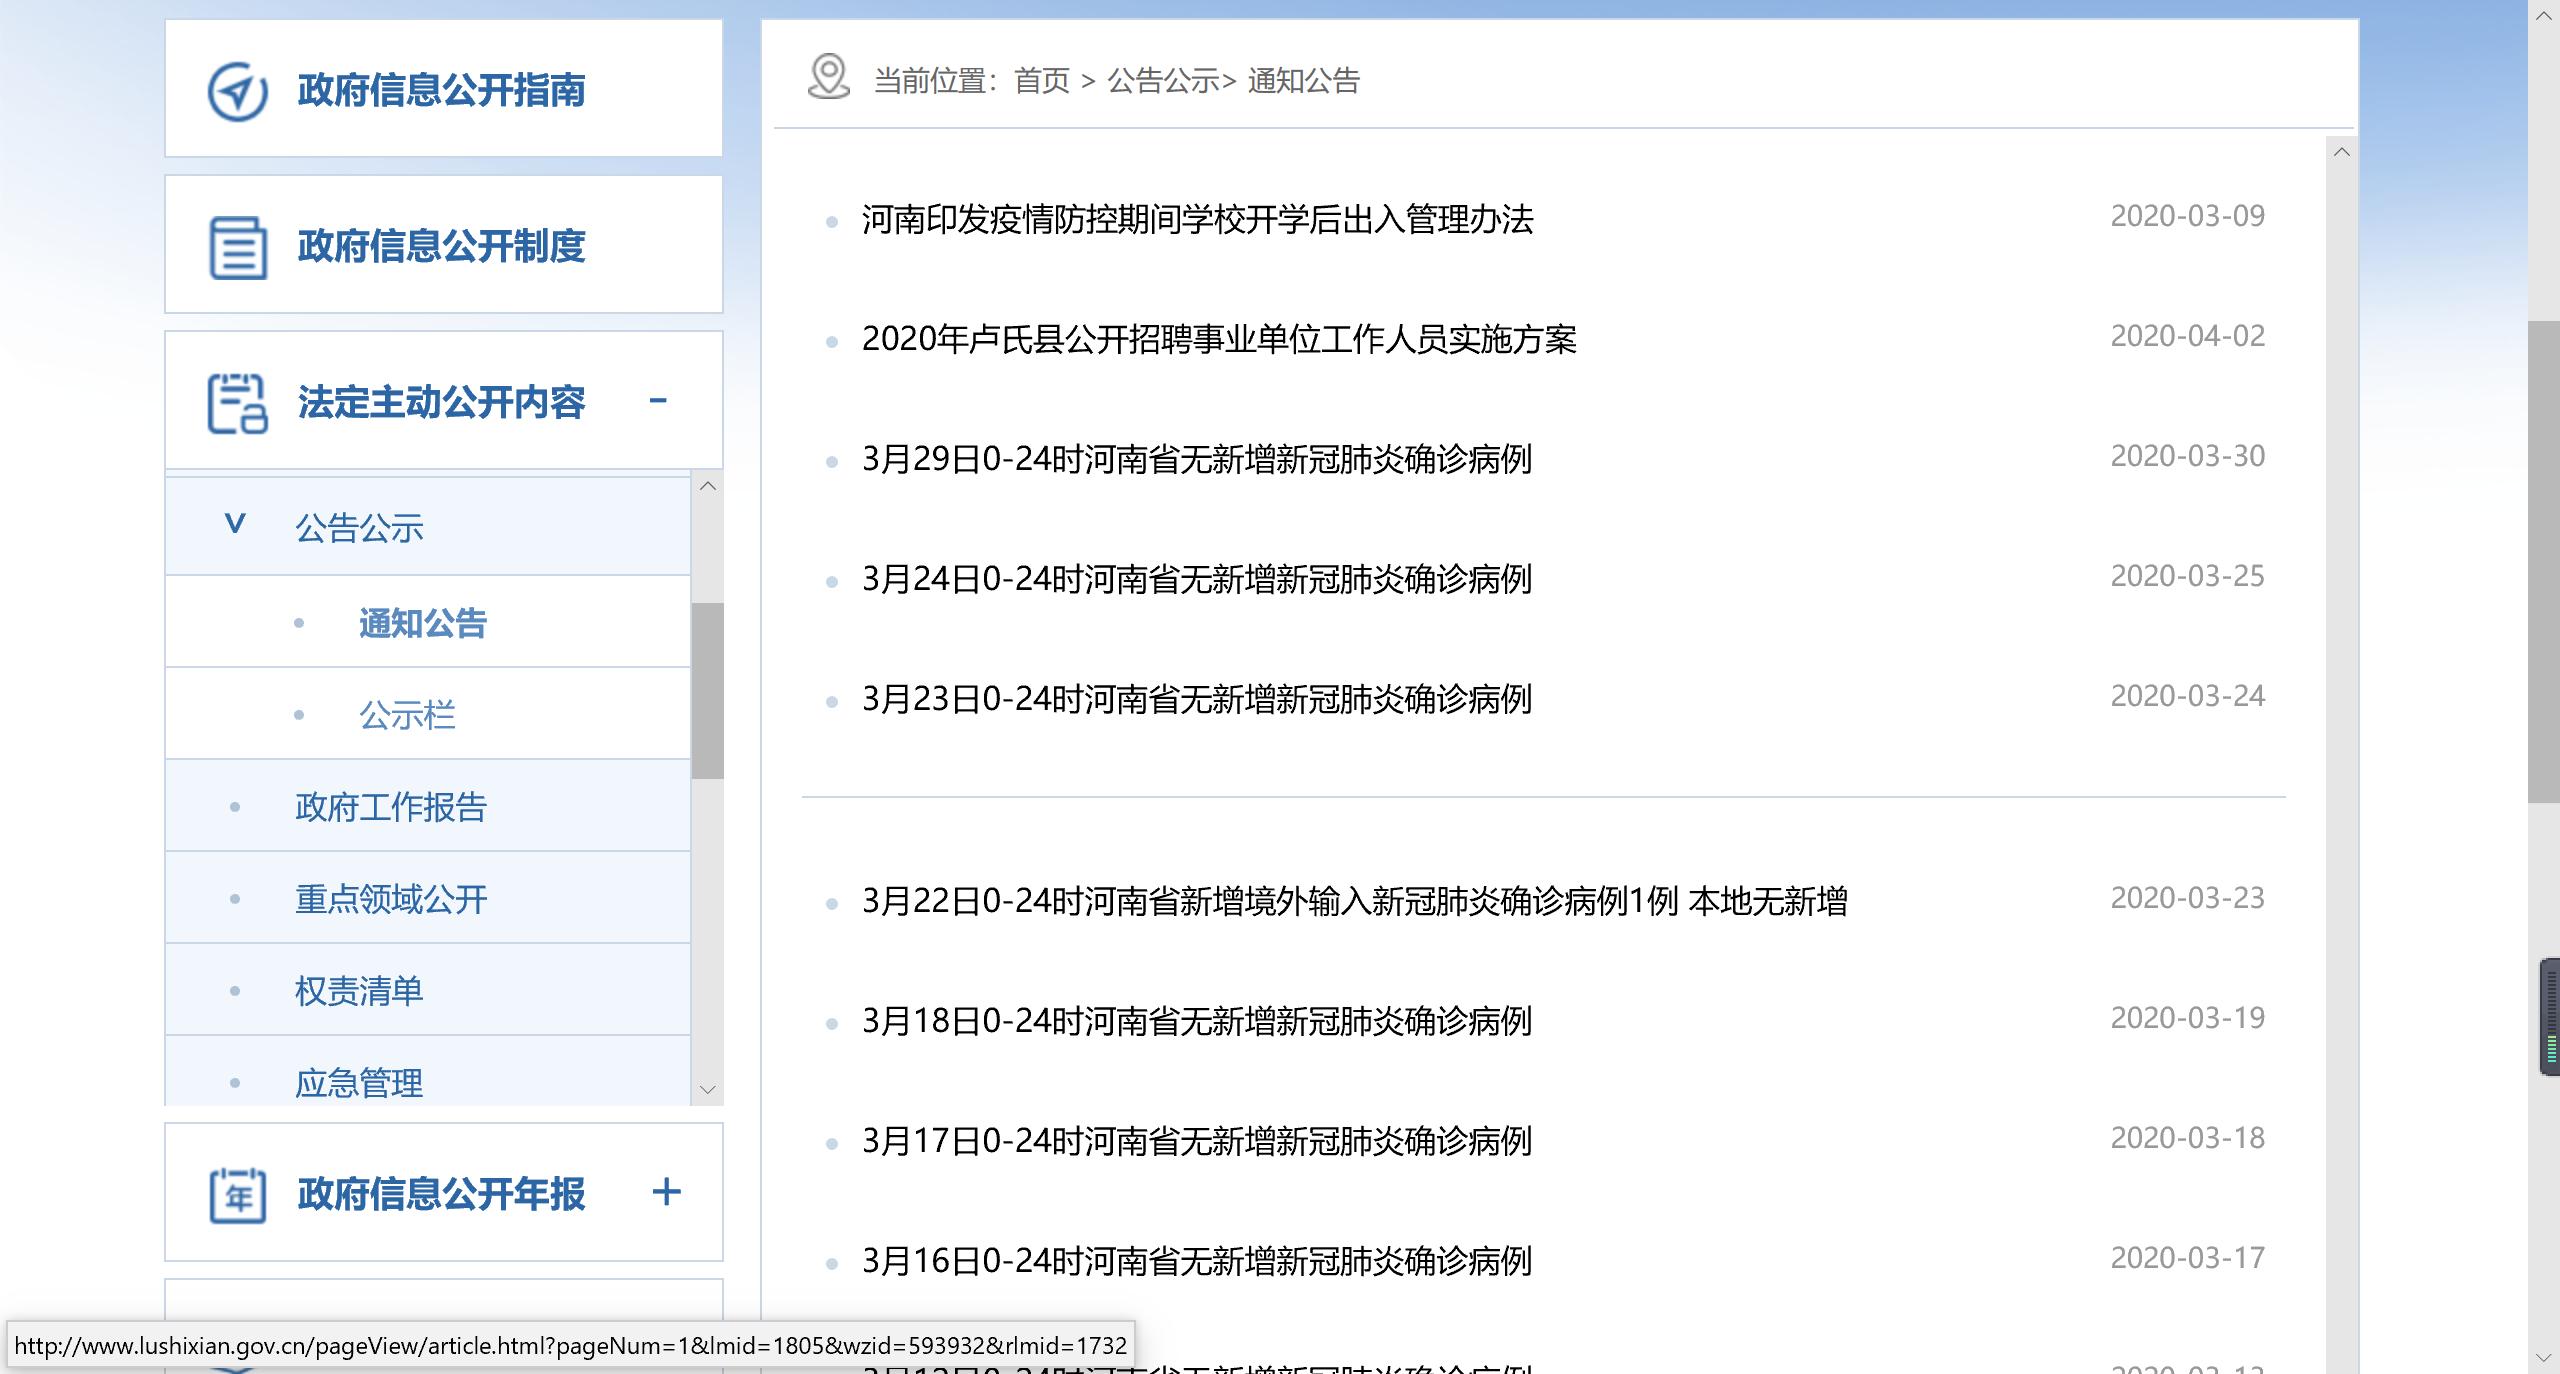 卢氏县人民政府网站